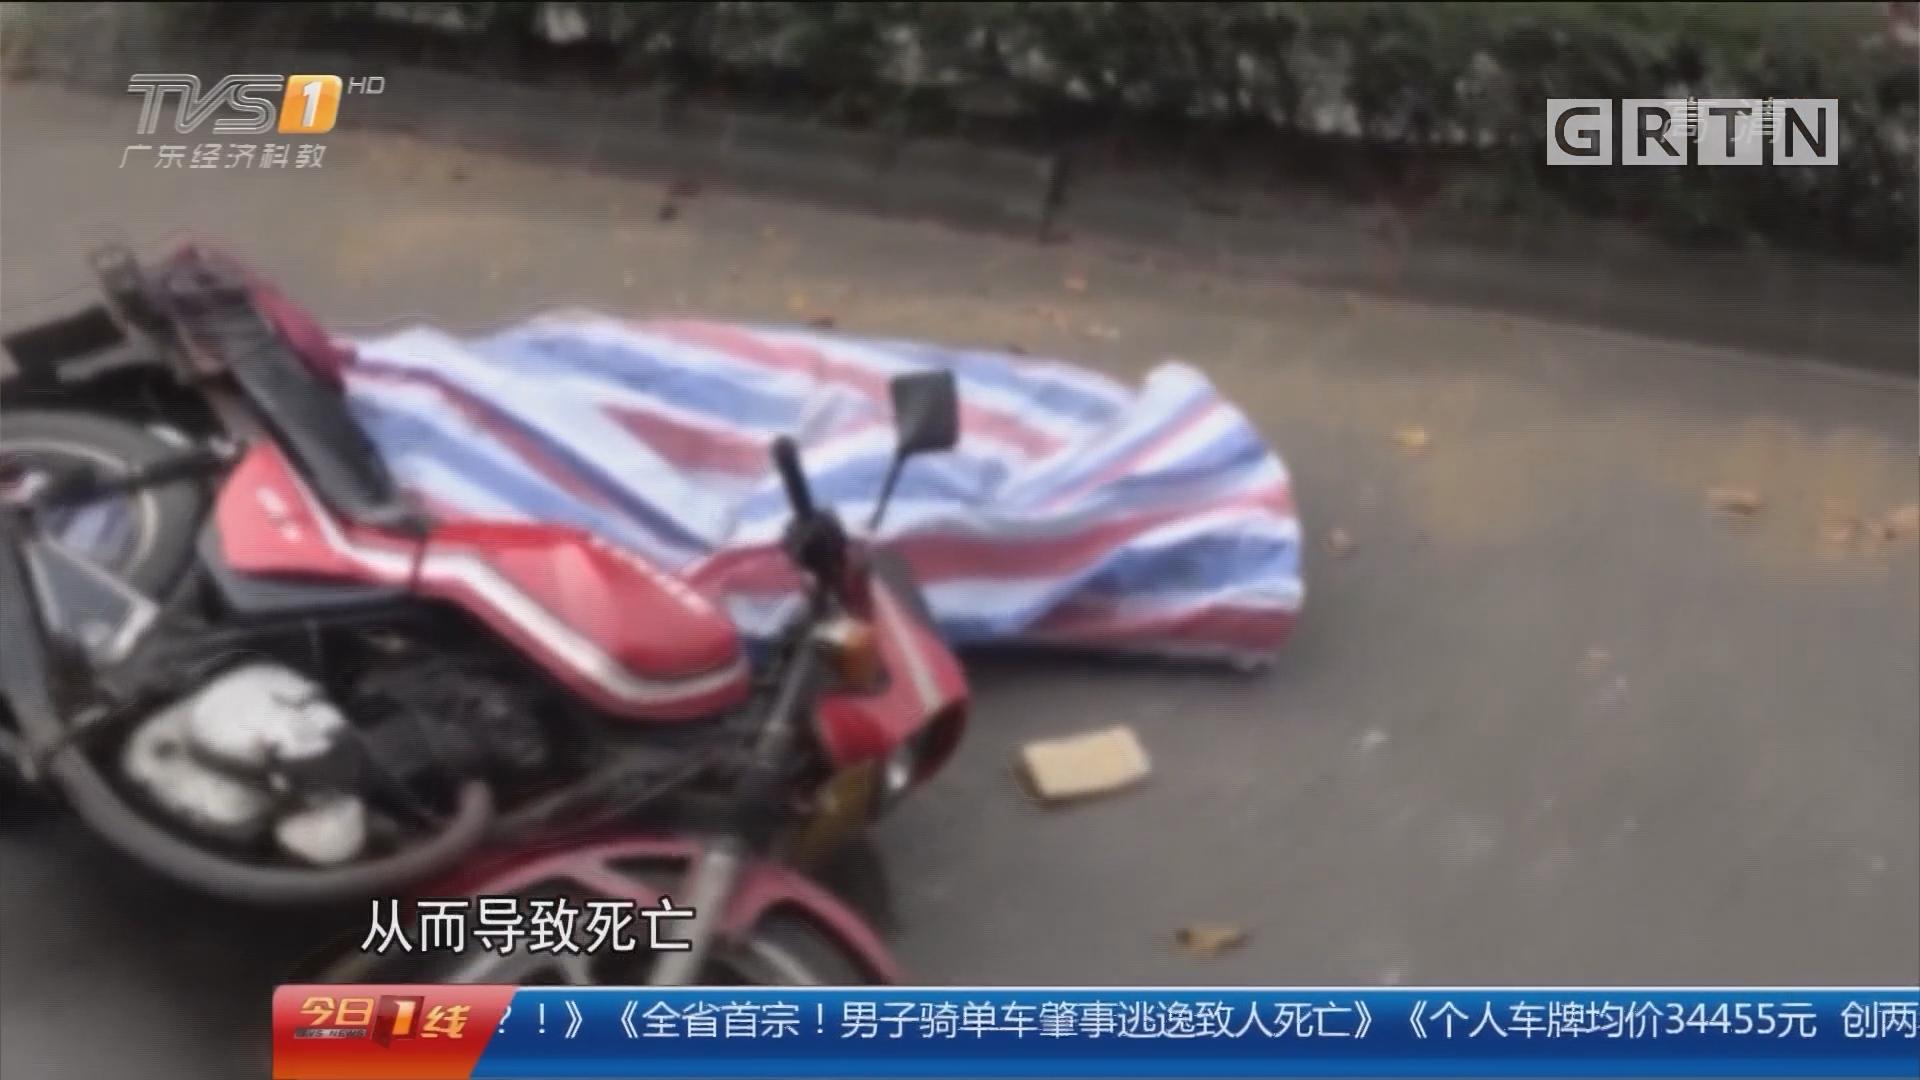 顺德:全省首宗!男子骑单车肇事逃逸致人死亡